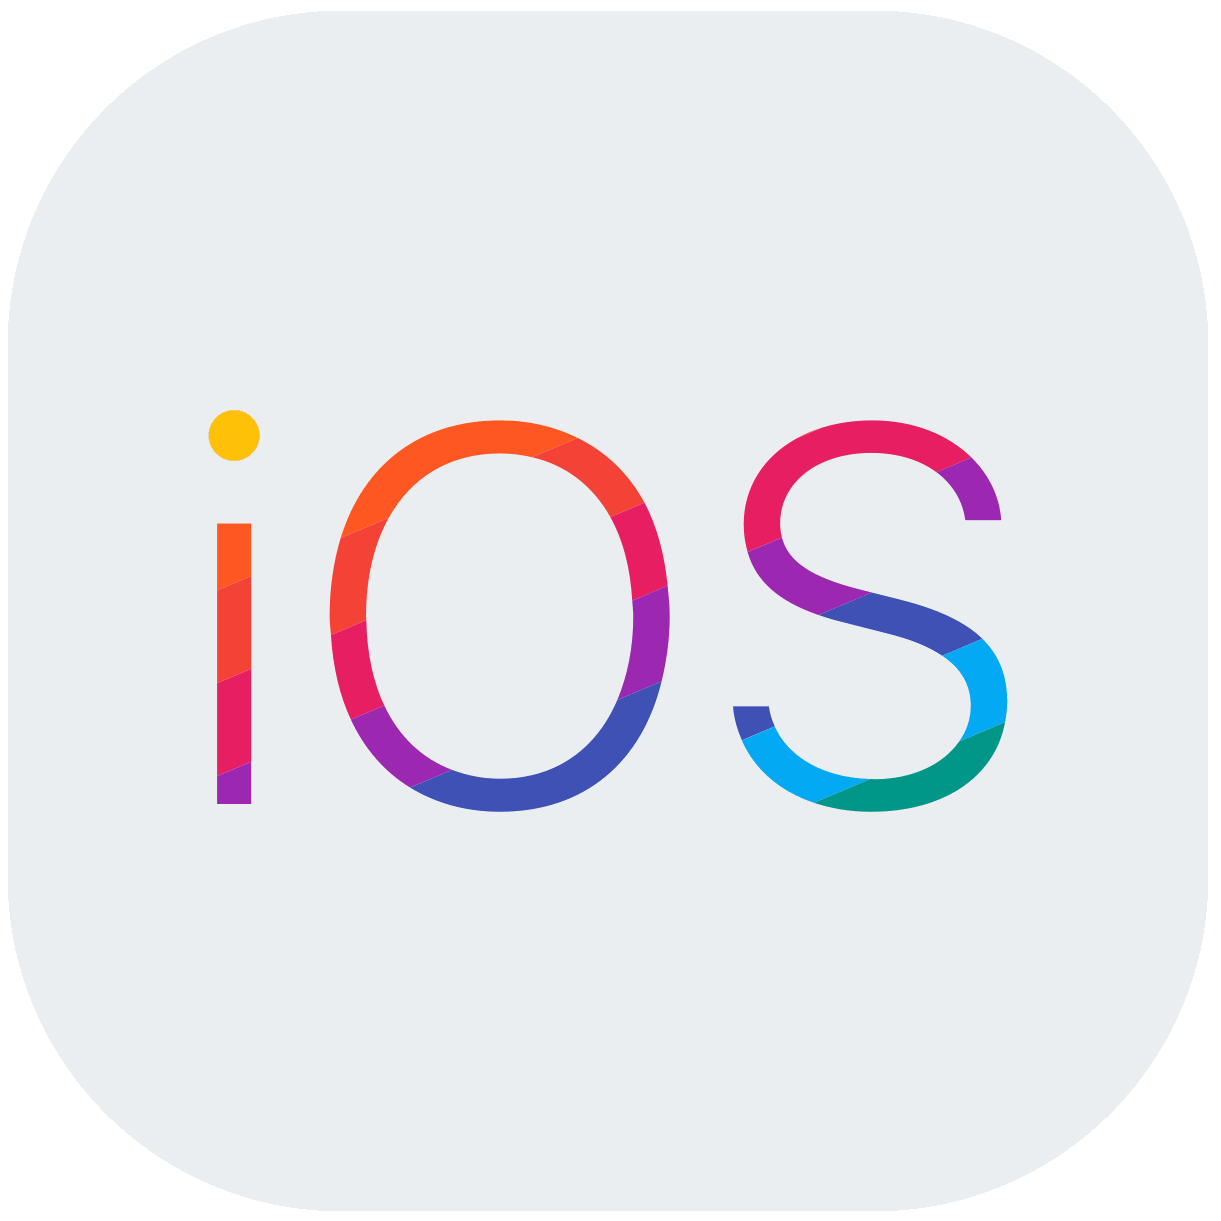 ios-development-logo